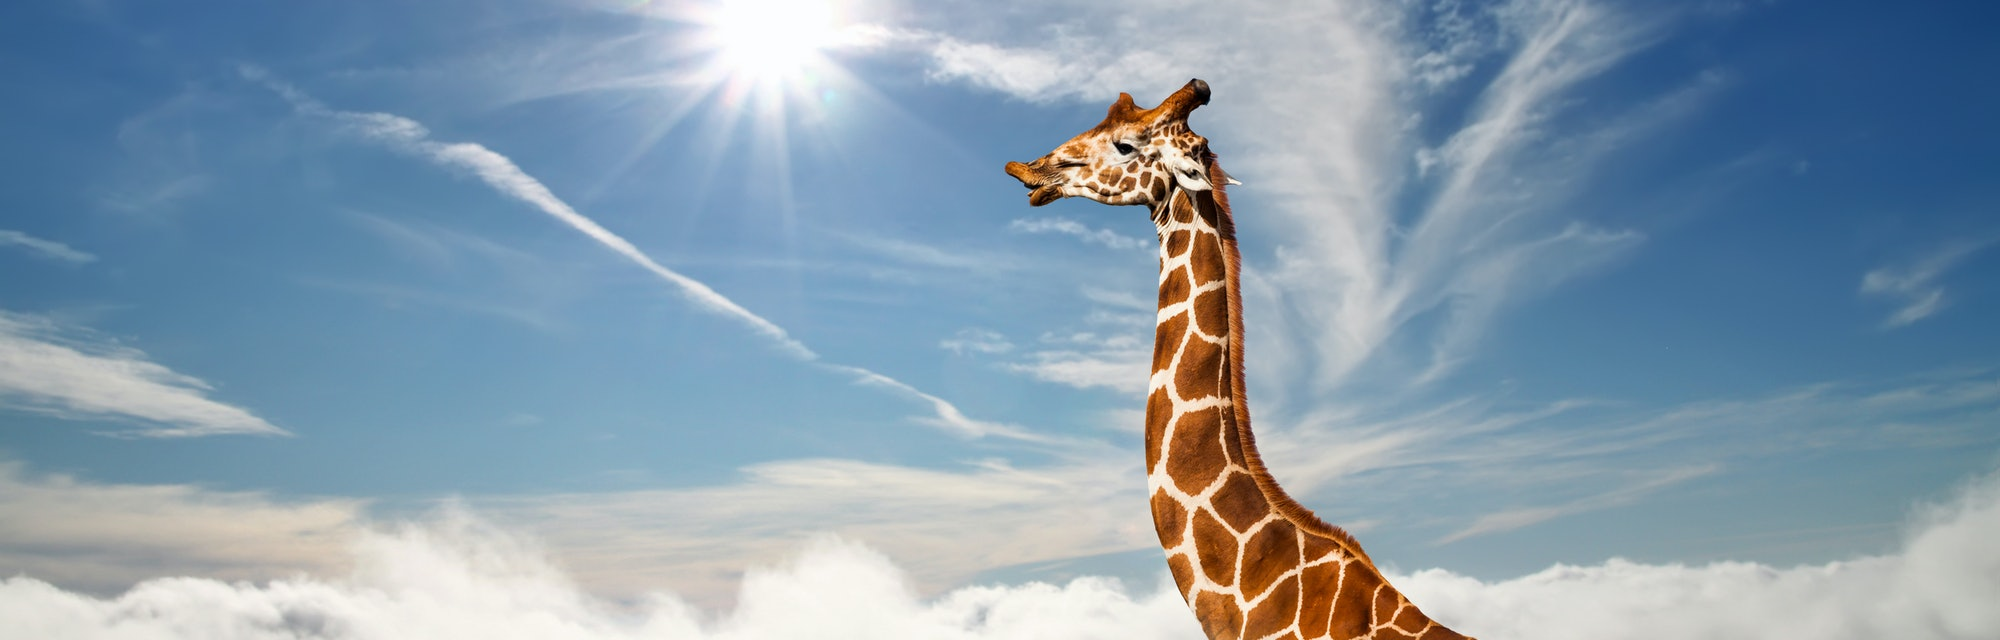 A tall giraffe's neck extends above the clouds.